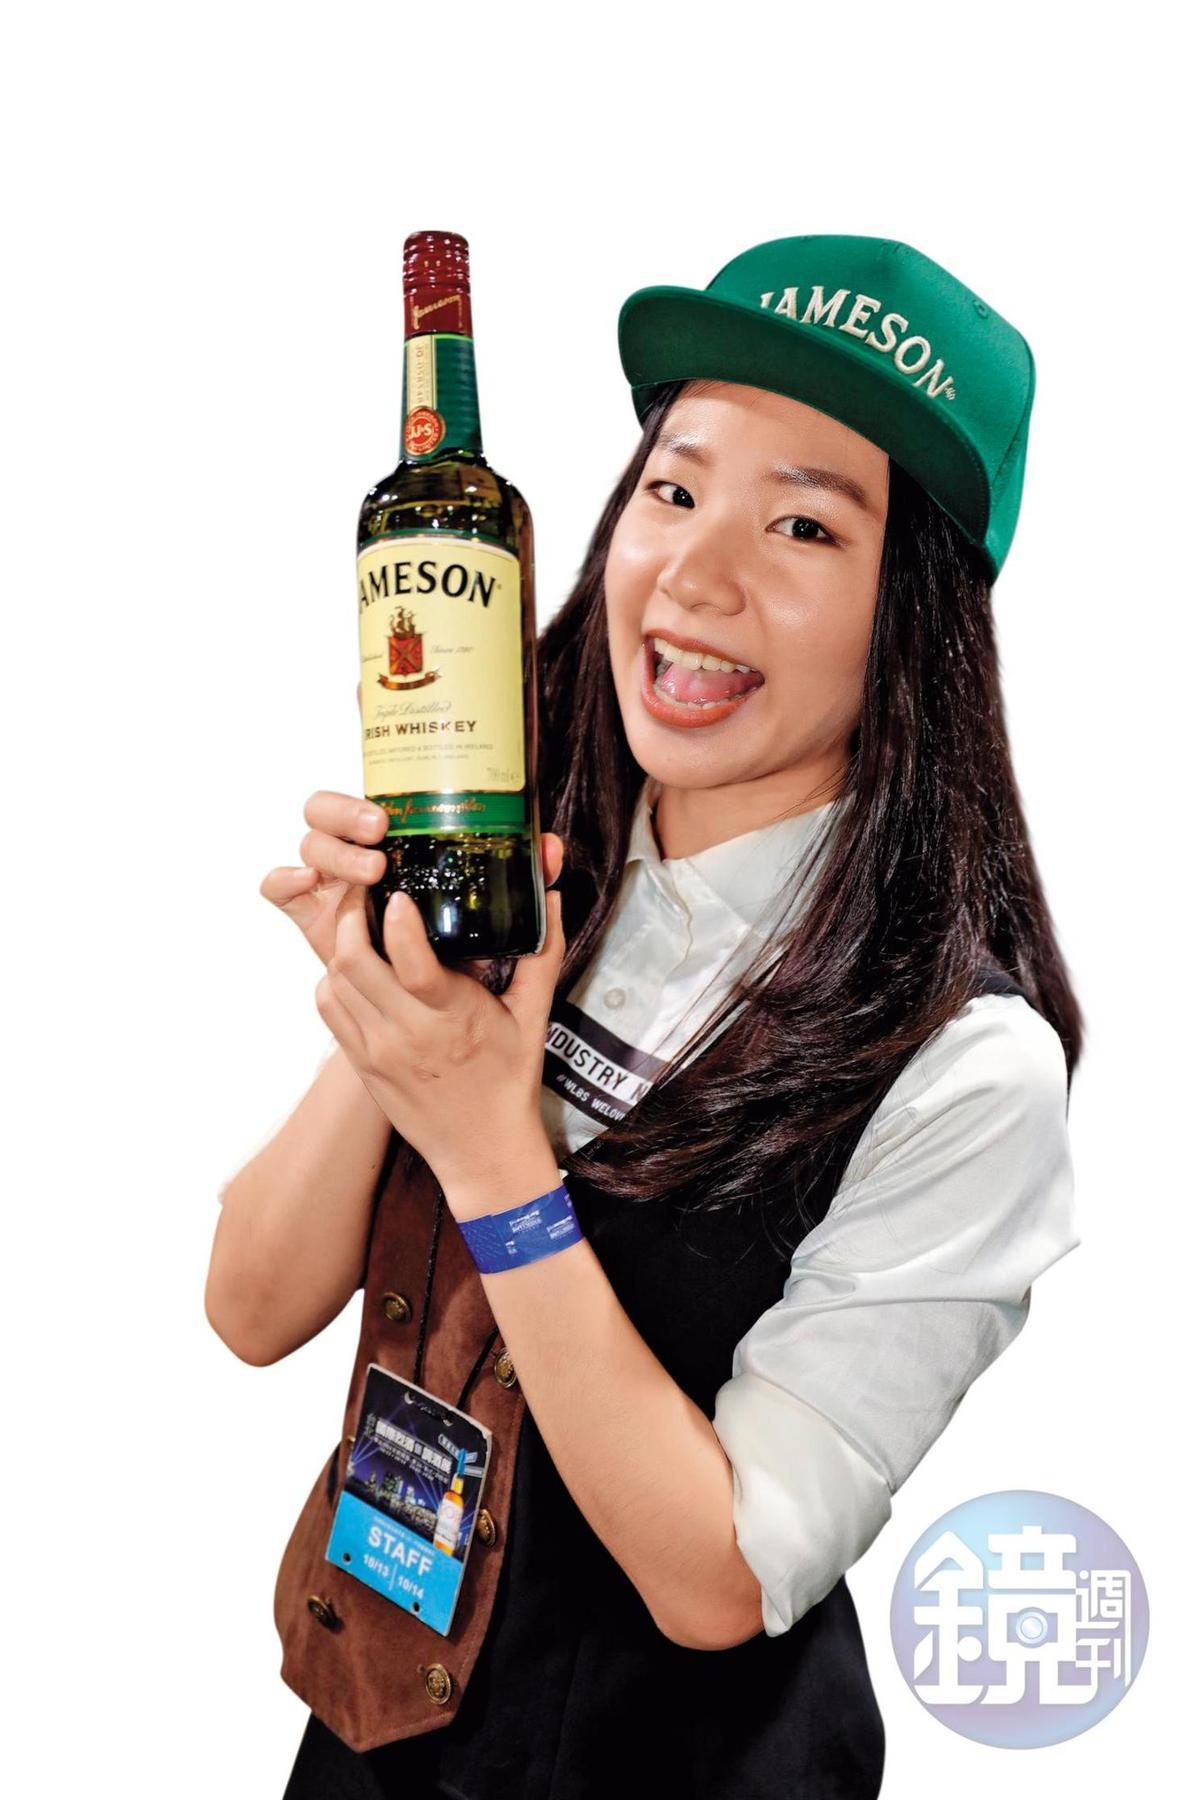 難得參展的愛爾蘭知名威士忌Jameson,就連女神卡卡都愛喝。還找來有「小隋棠」稱號、並在digout上班的Chili Lai站台,徹底綻放無敵青春。